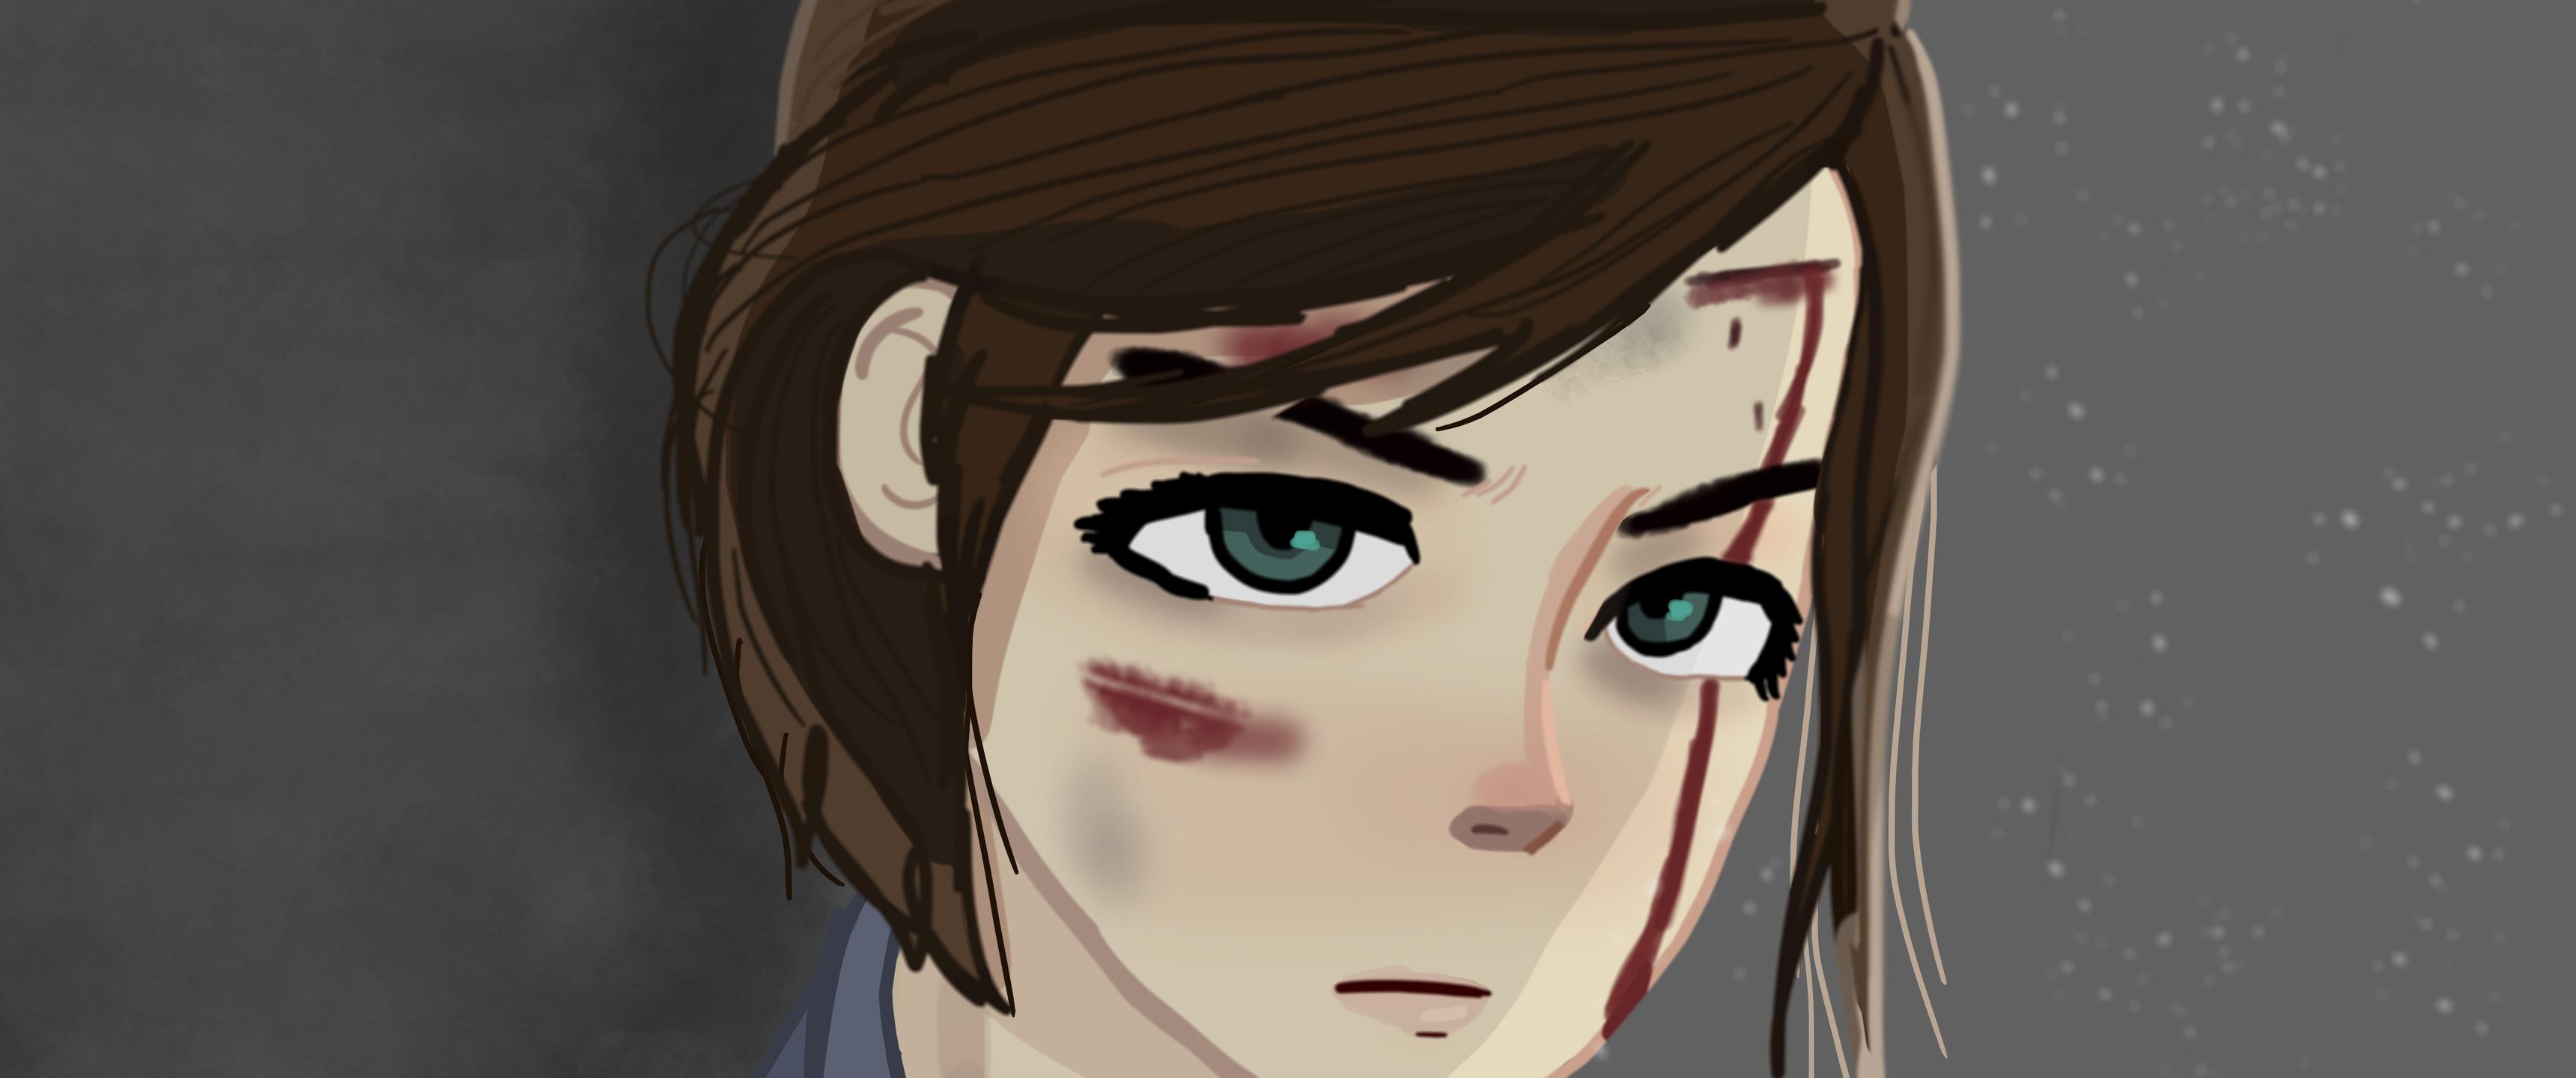 3440x1440 The Last Of Us 2 Ellie Fan Art 5k 3440x1440